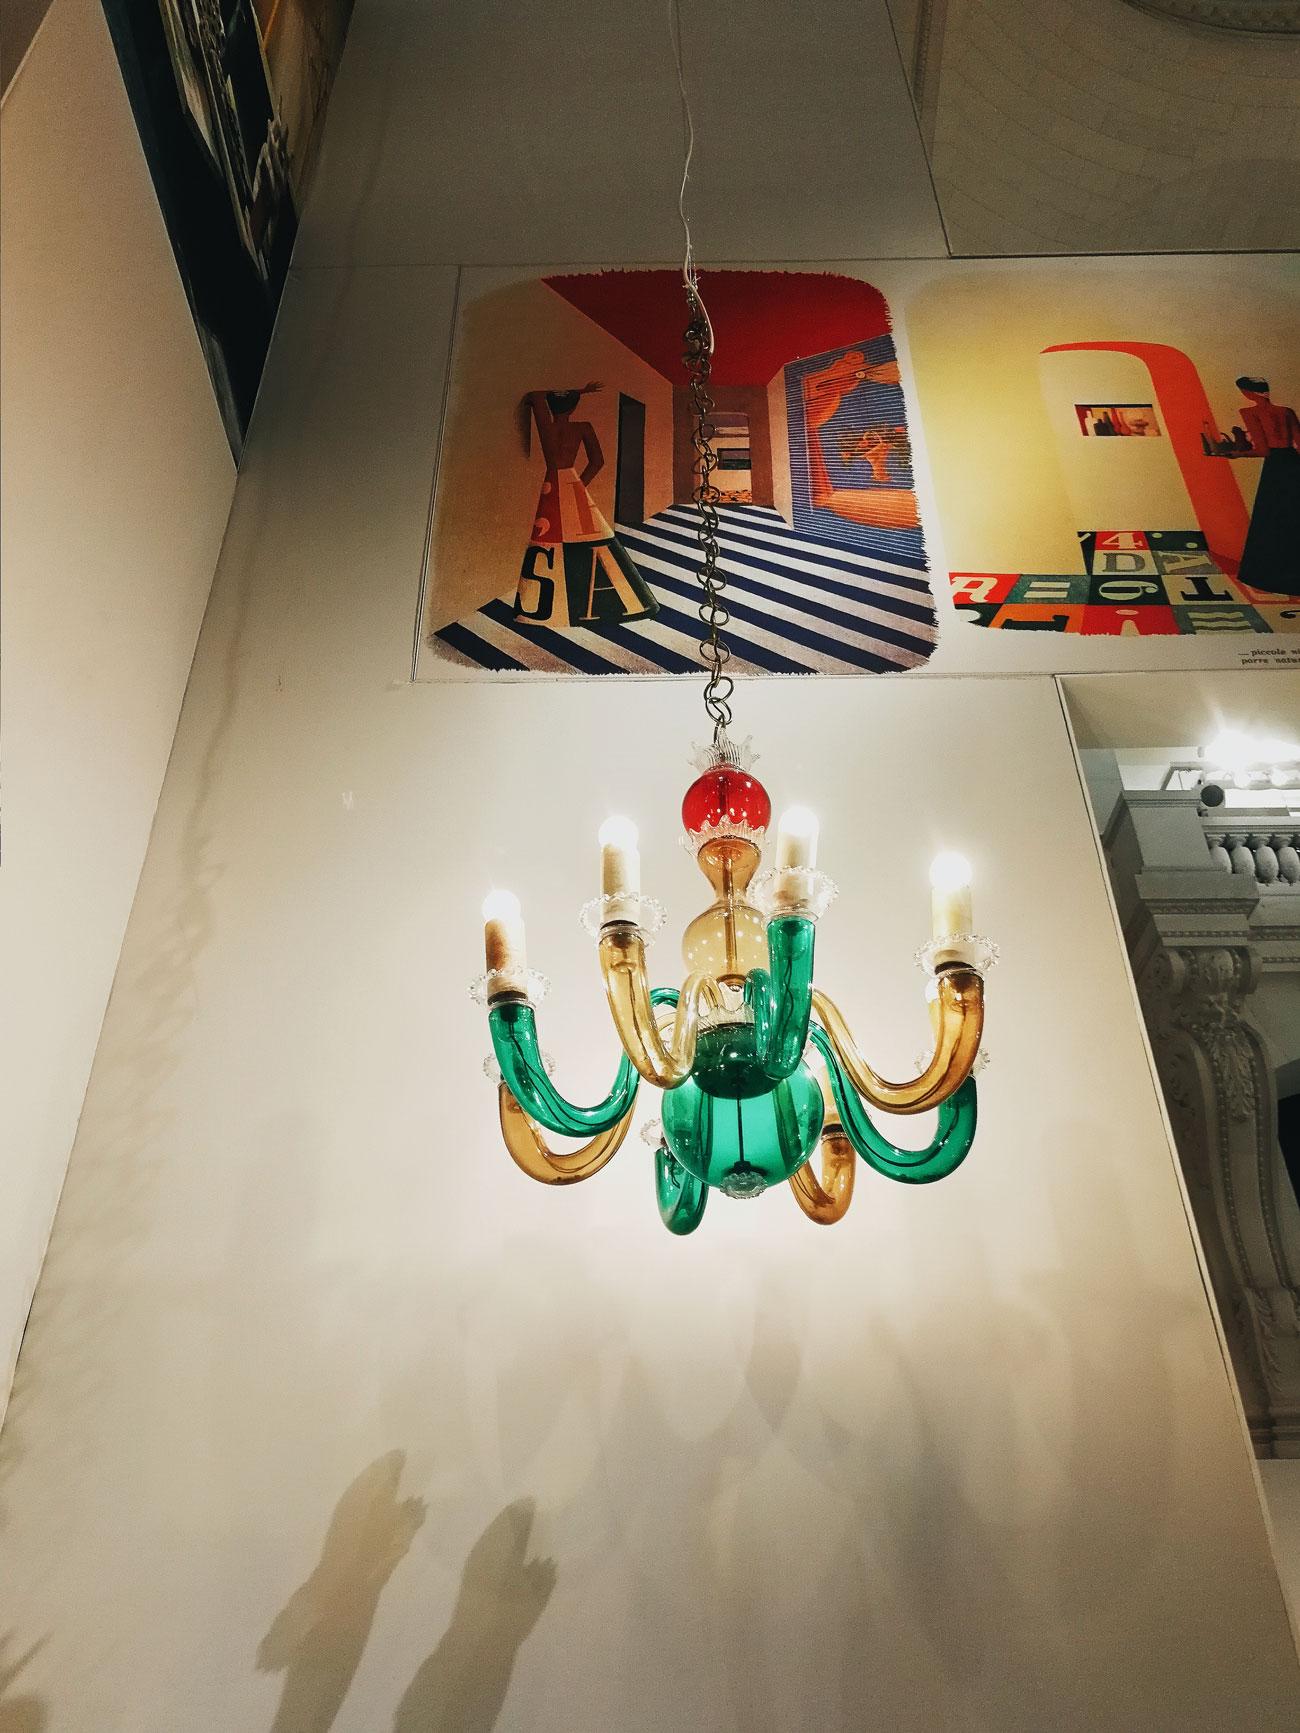 Design Father's - Gio Ponti Legacy Celebrated in Paris - www.AuthenticInterior.com INTERIOR DESIGN BLOG&STUDIO